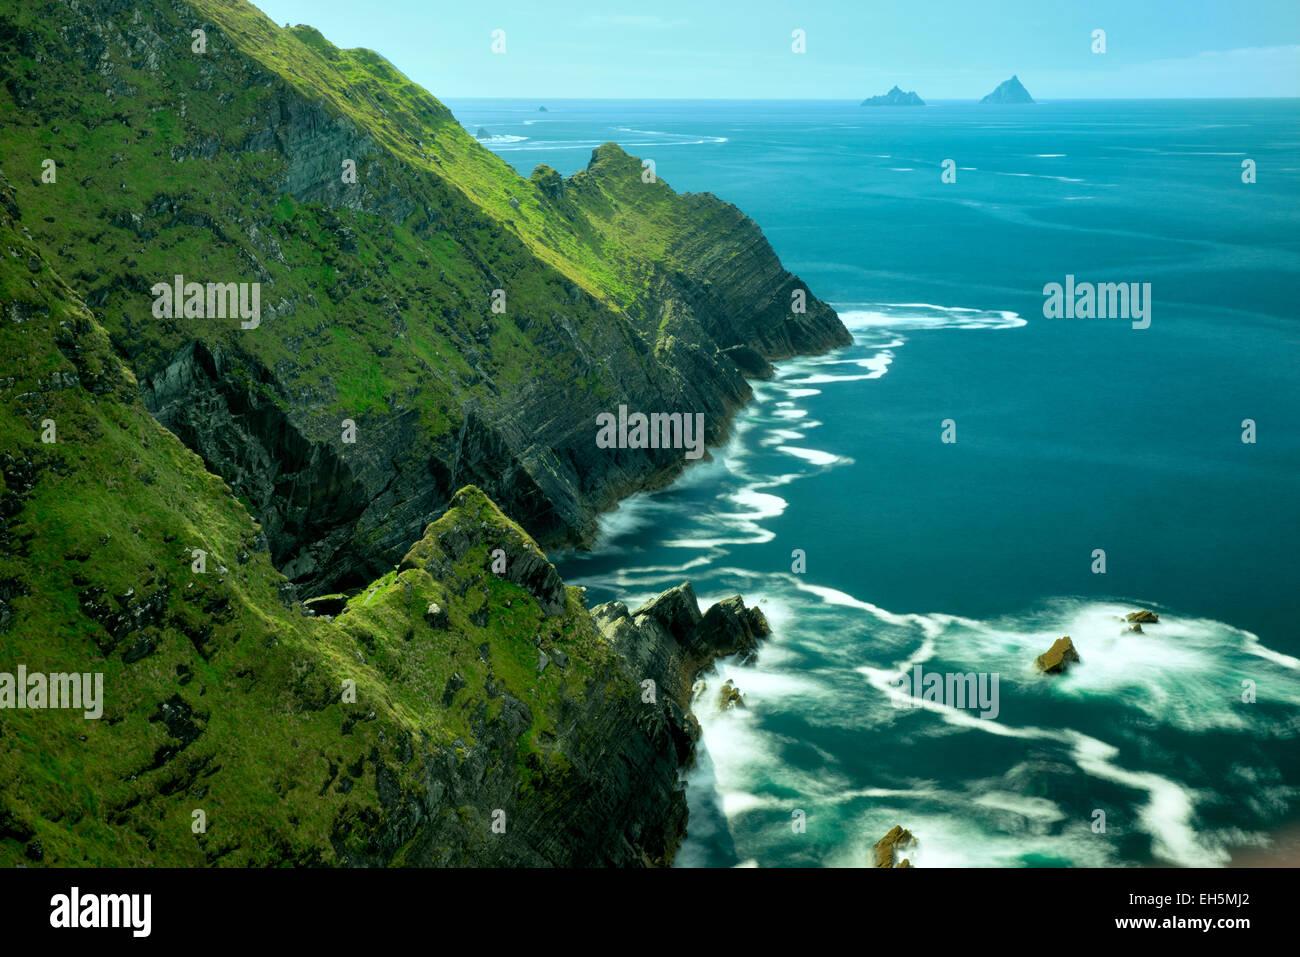 Kerry scogliere con schiuma d'onda sull'acqua. Portmagee, Ring of Kerry, Irlanda. Skellig Rocks in distanza Immagini Stock